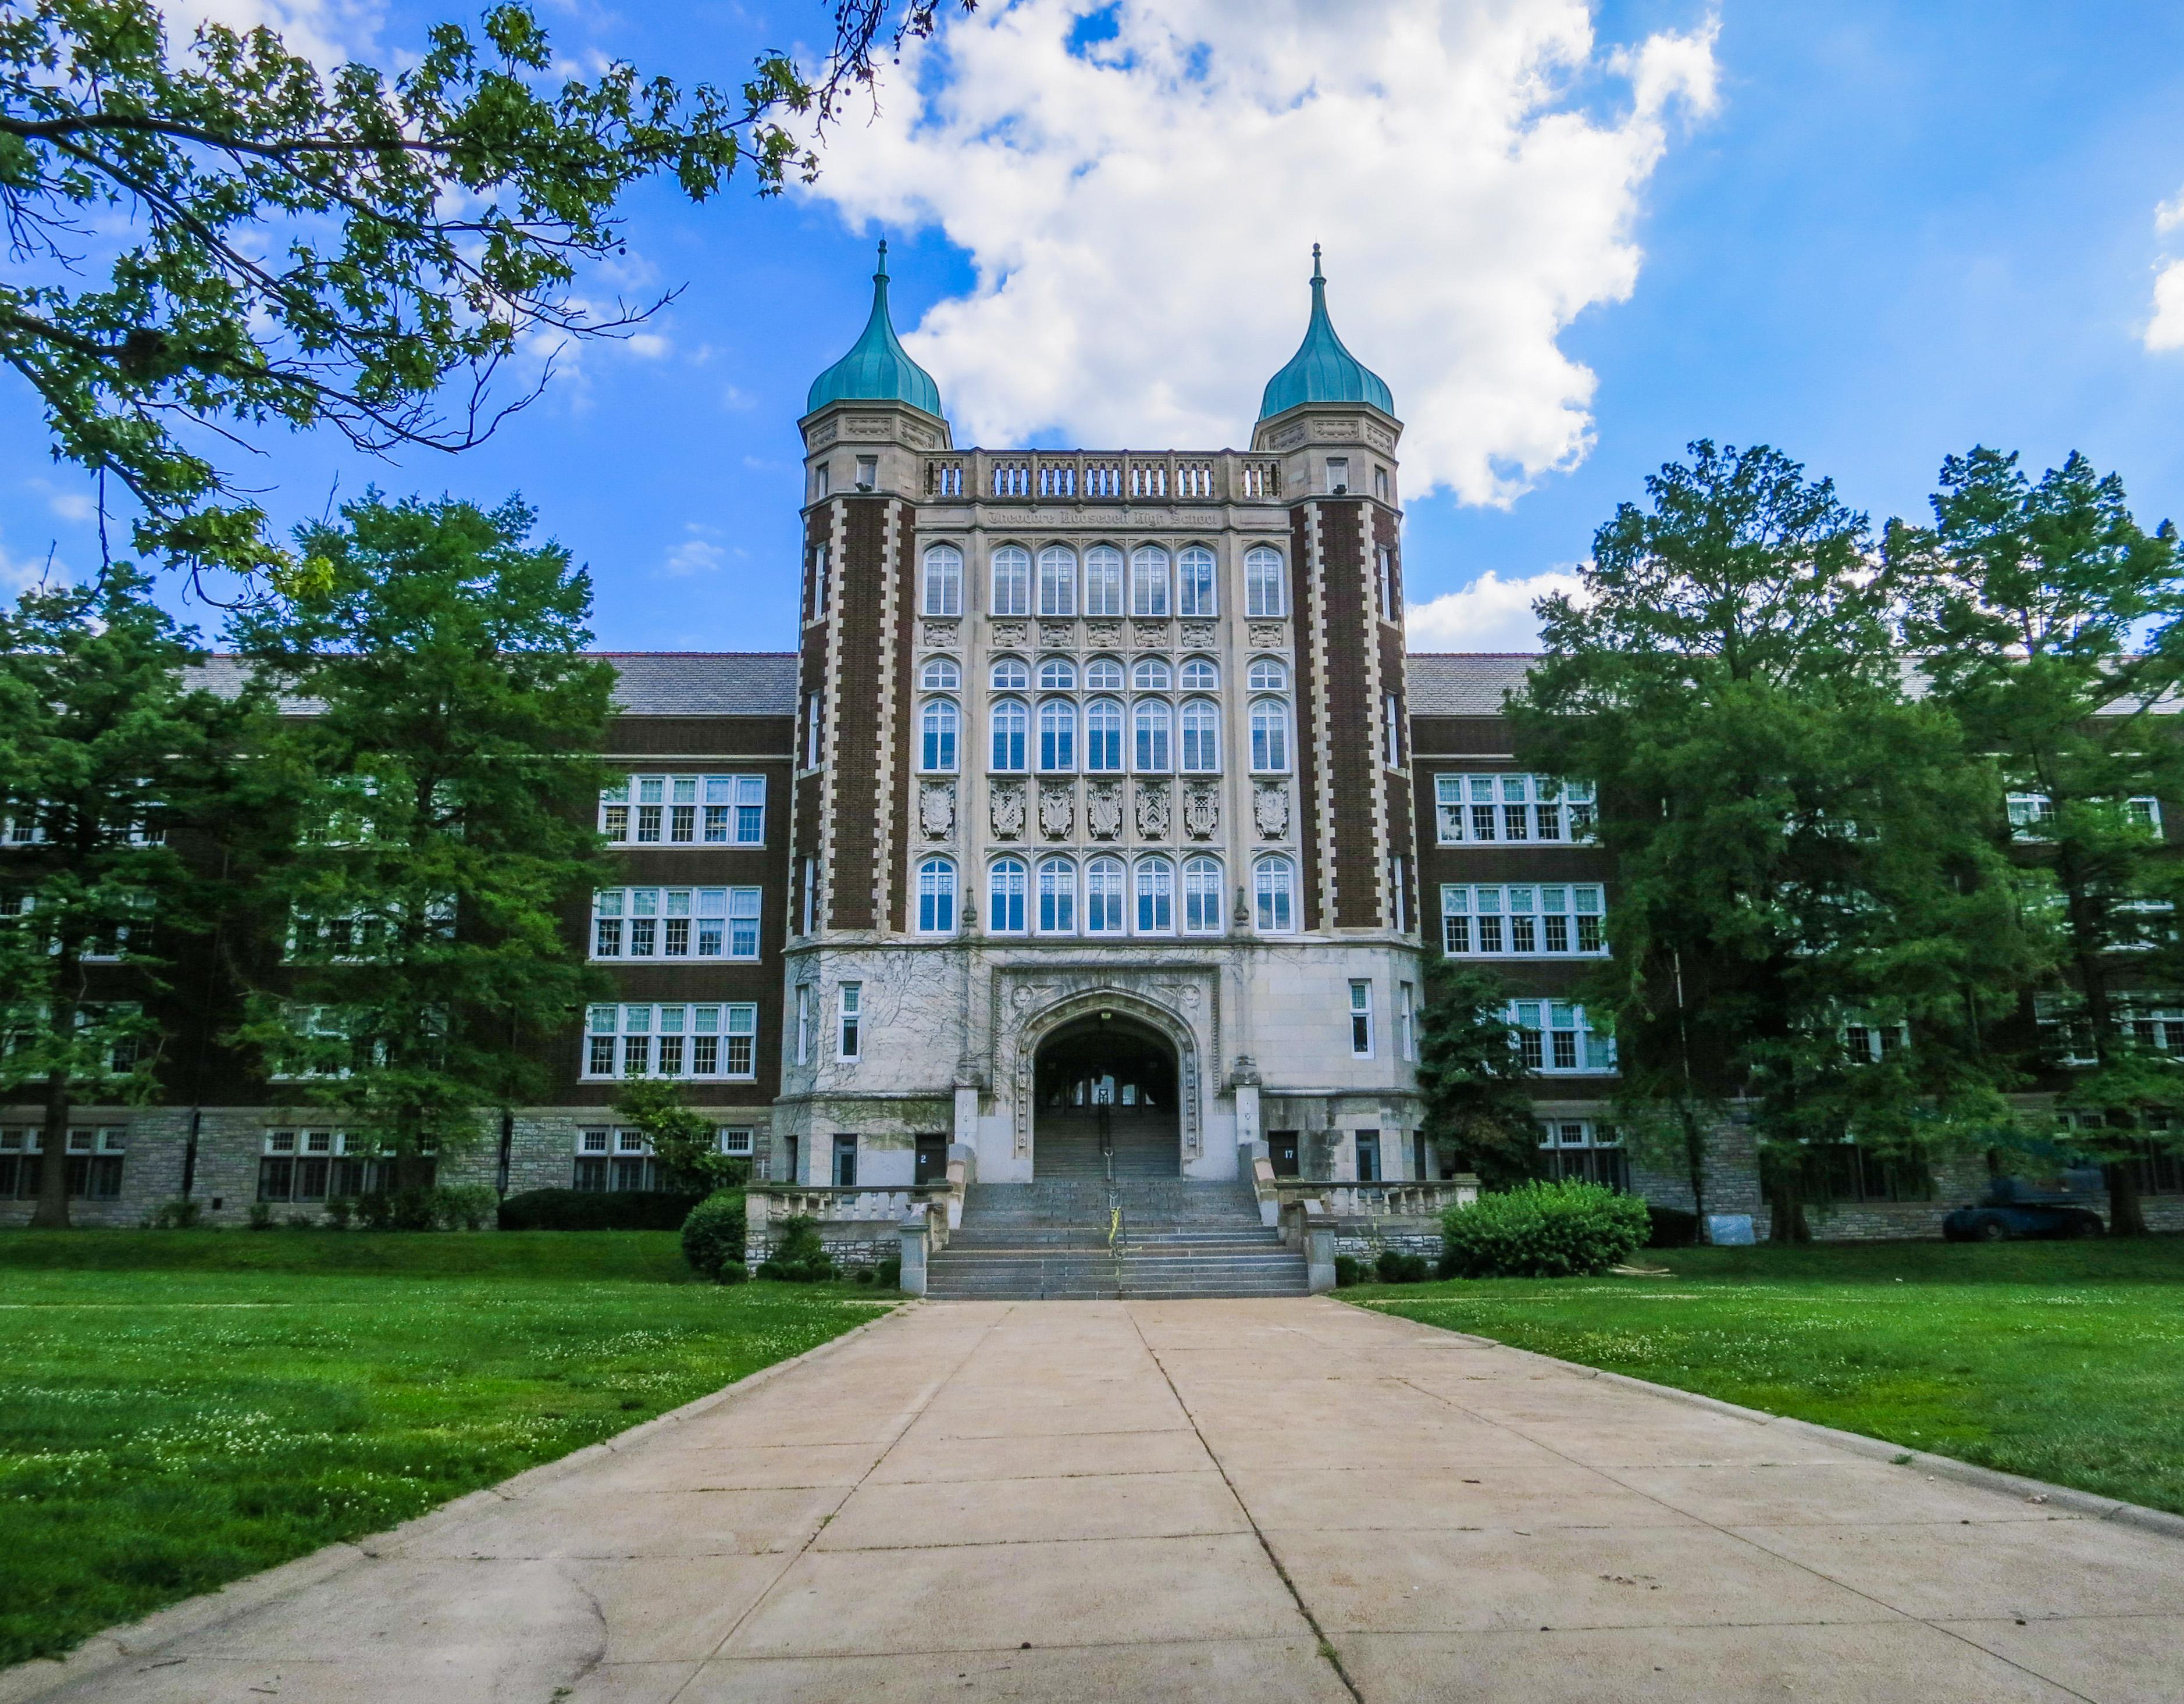 3780a55bb58 Roosevelt High School (St. Louis) - Wikipedia